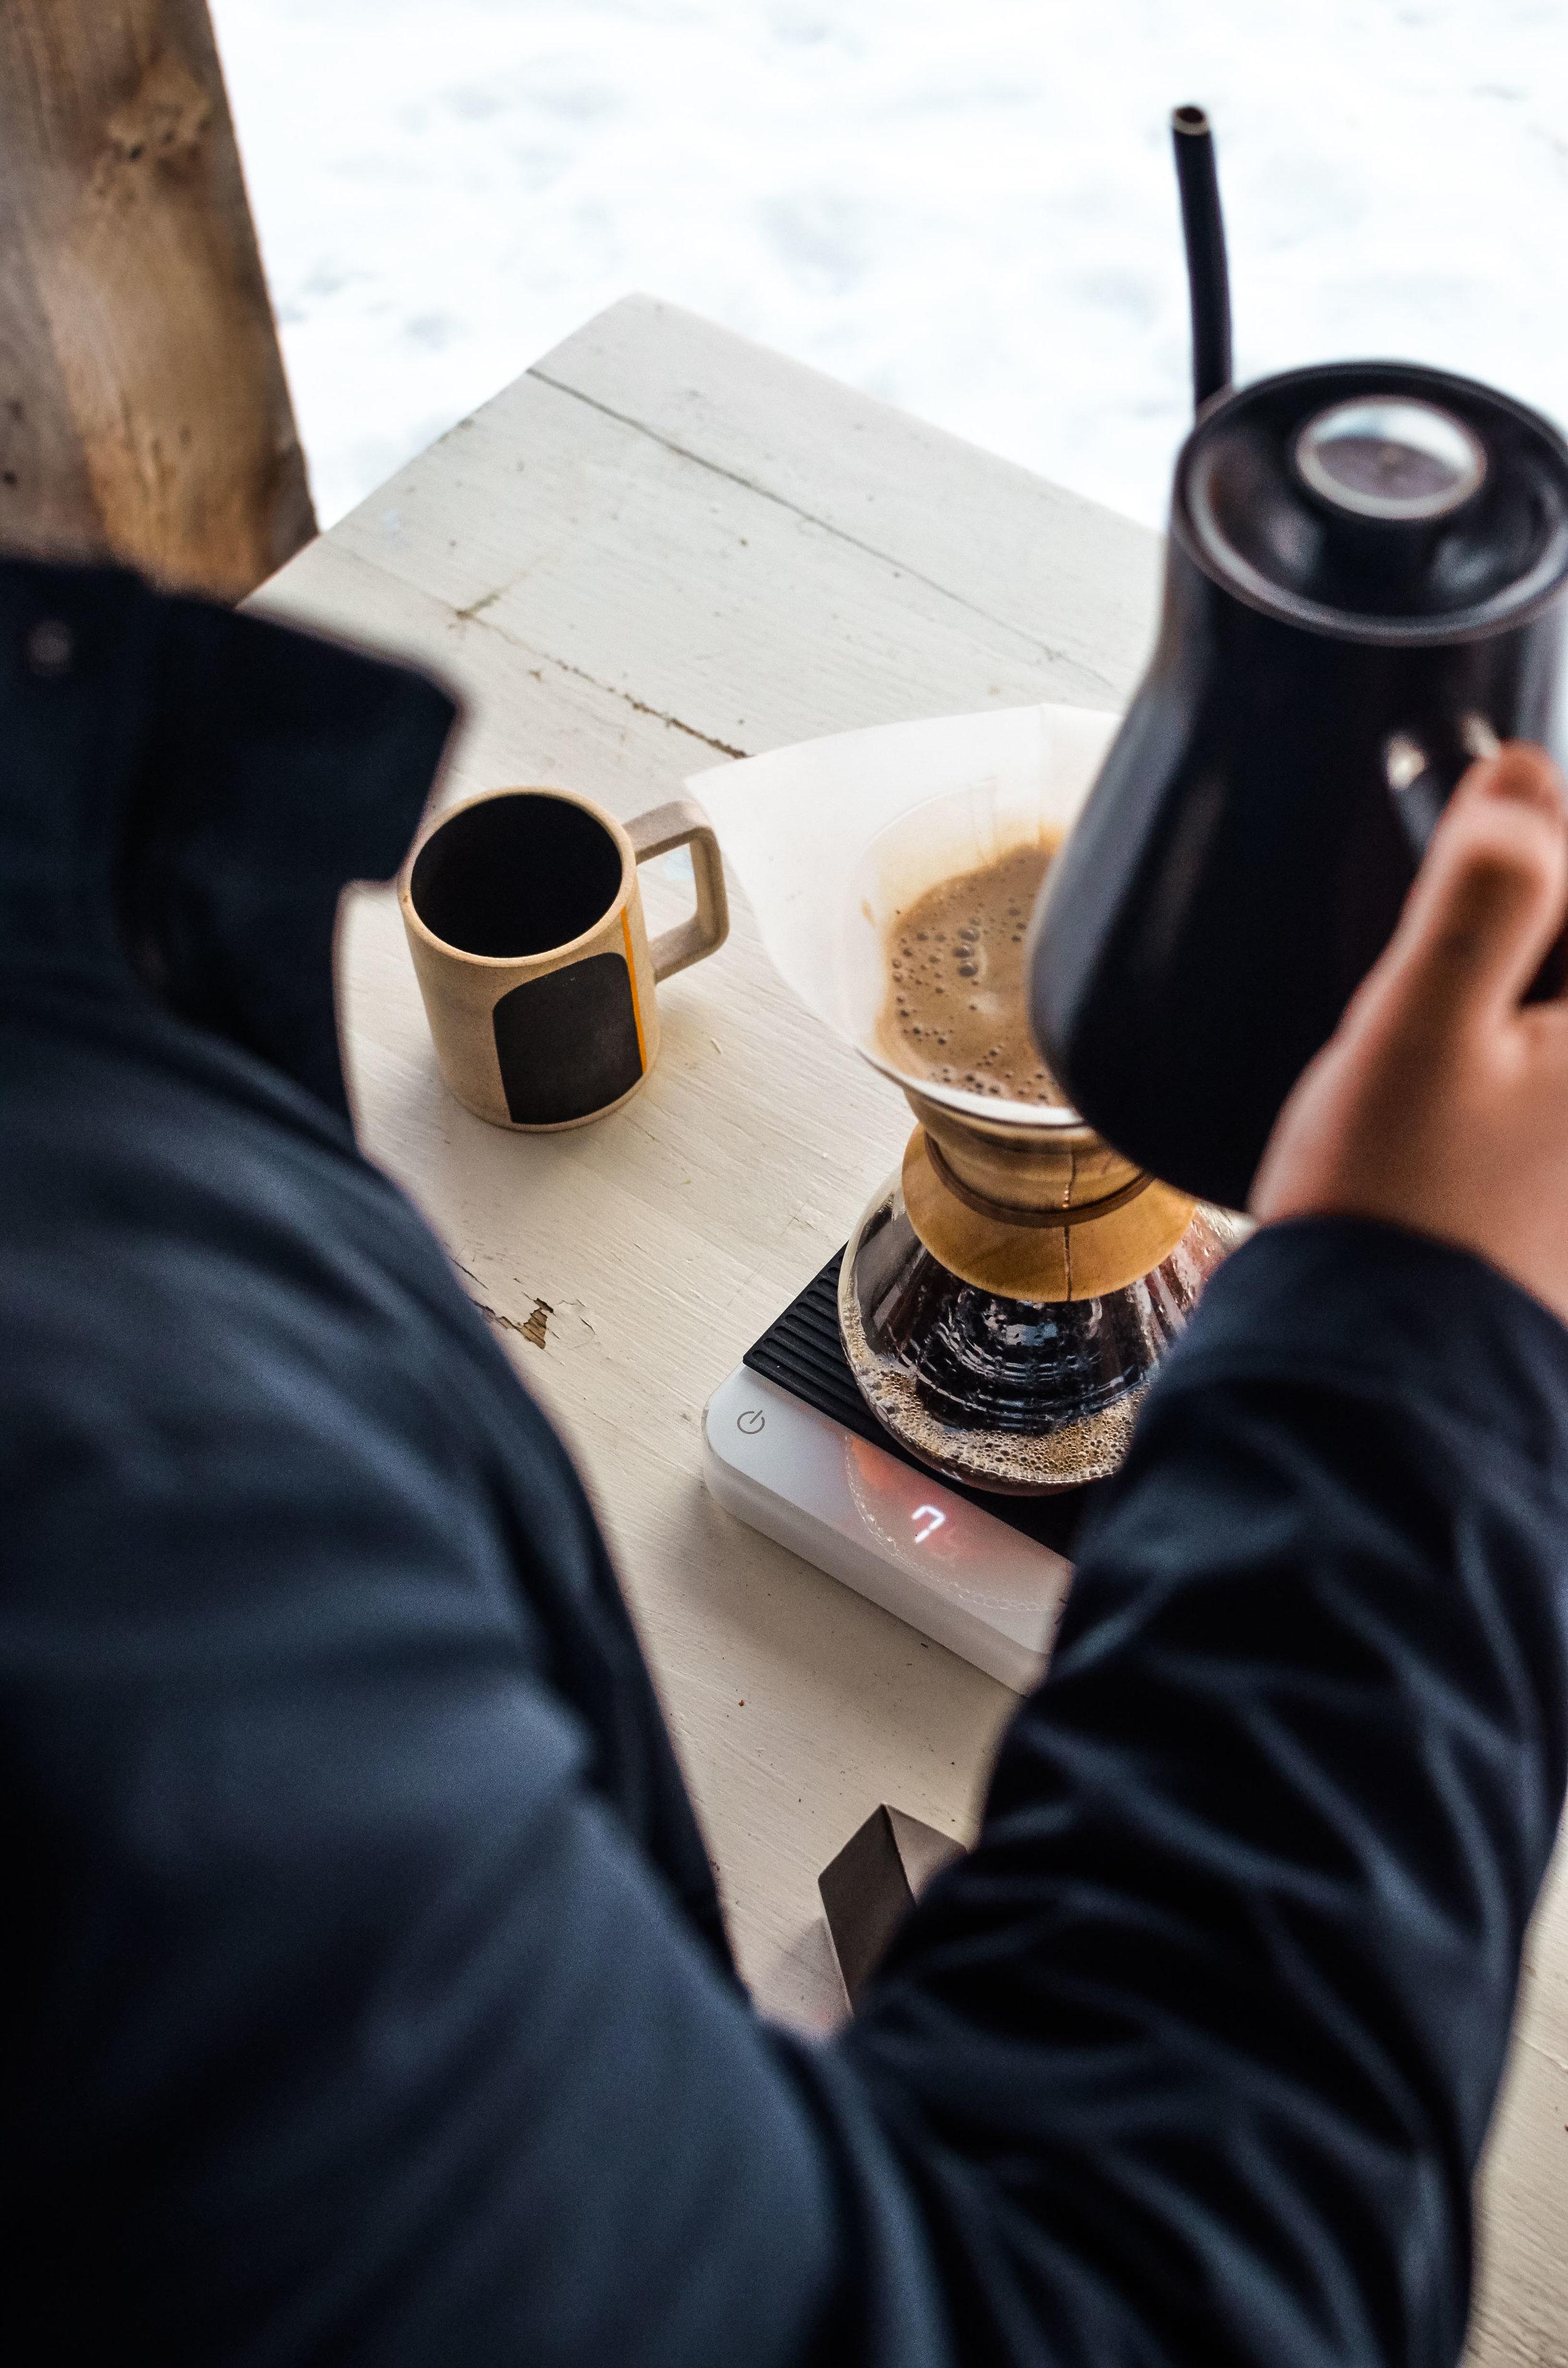 Wendling_Boyd_Field_Jacket_Huckberry_Coffee_outside_Hike-11.jpg